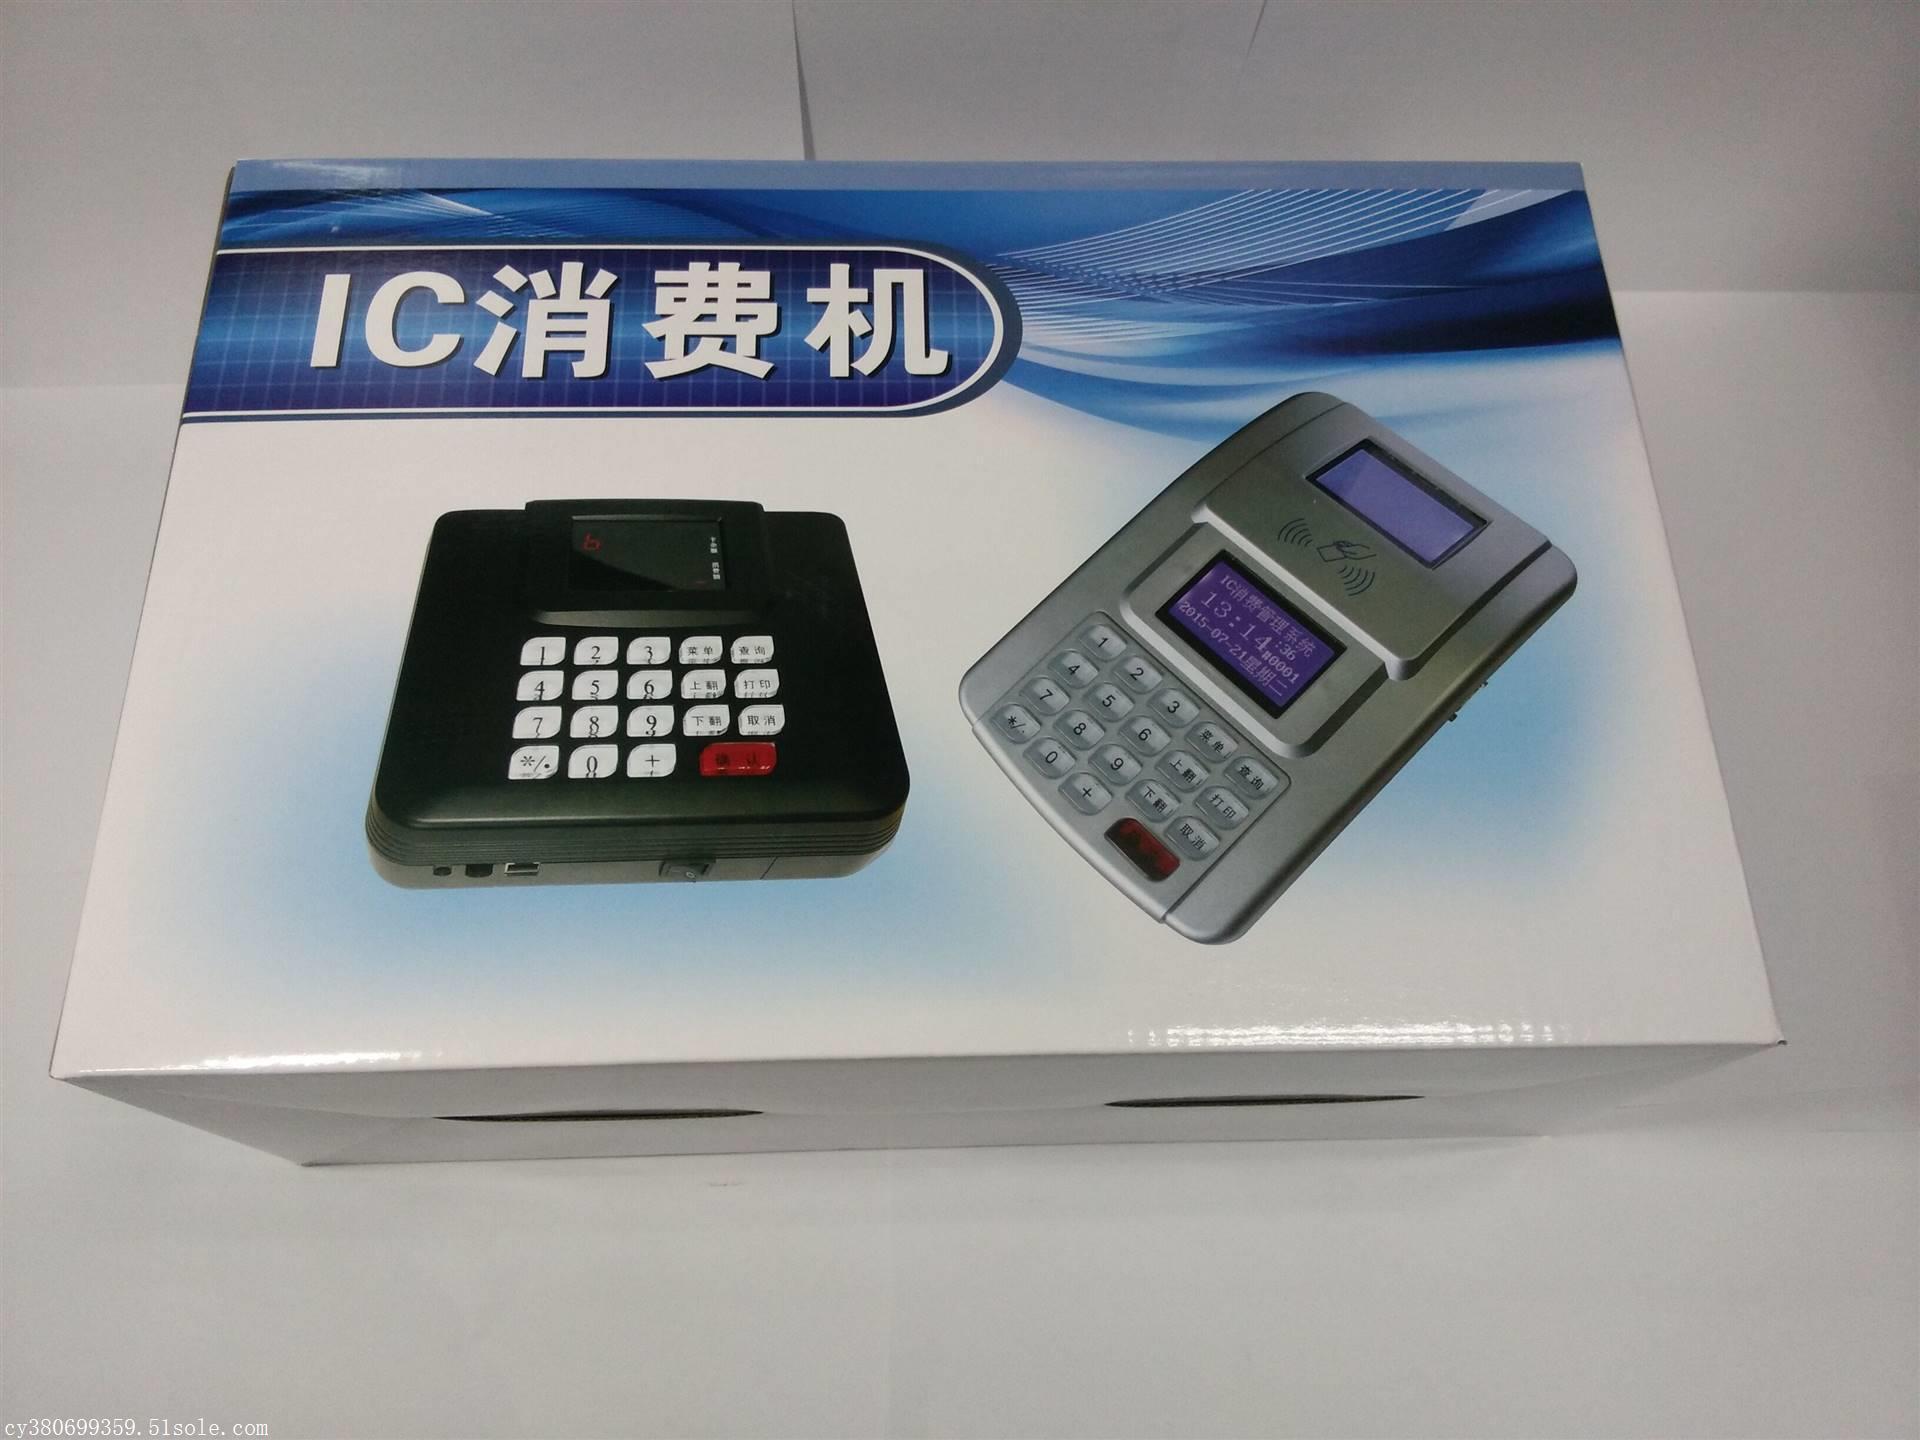 宜春美食城IC卡消费机、萍乡美食城IC卡消费机